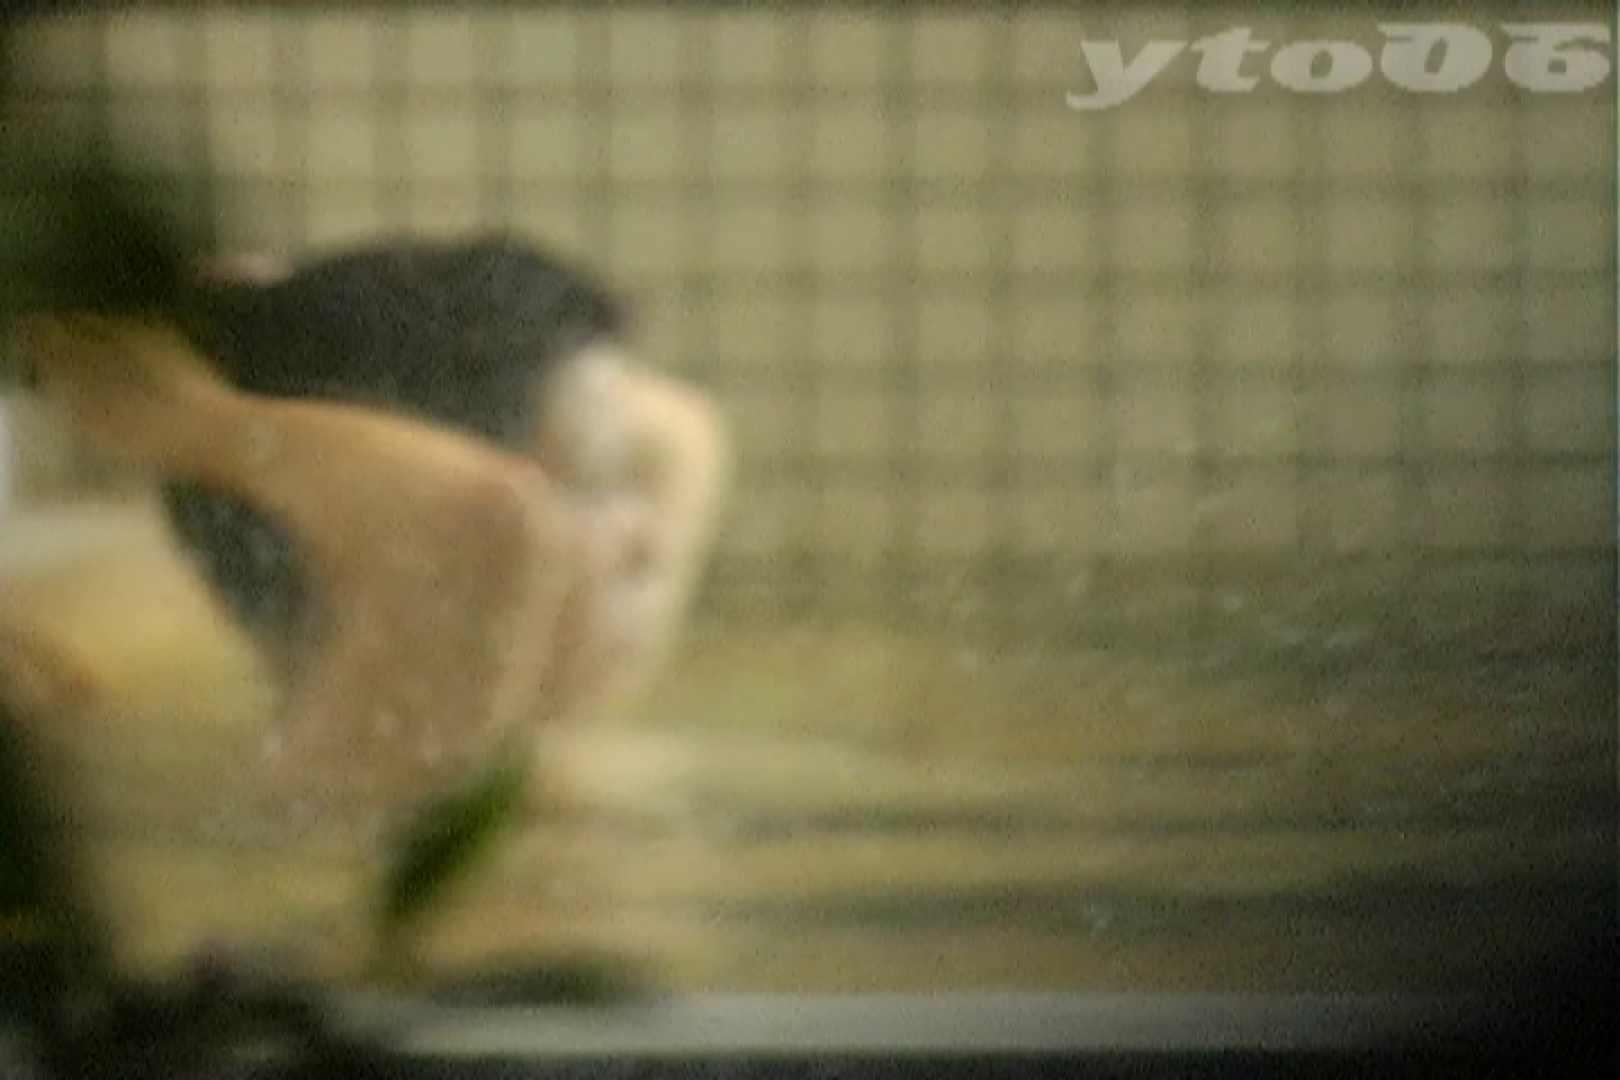 ▲復活限定▲合宿ホテル女風呂盗撮 Vol.34 ホテルで絶頂 おまんこ動画流出 113画像 6